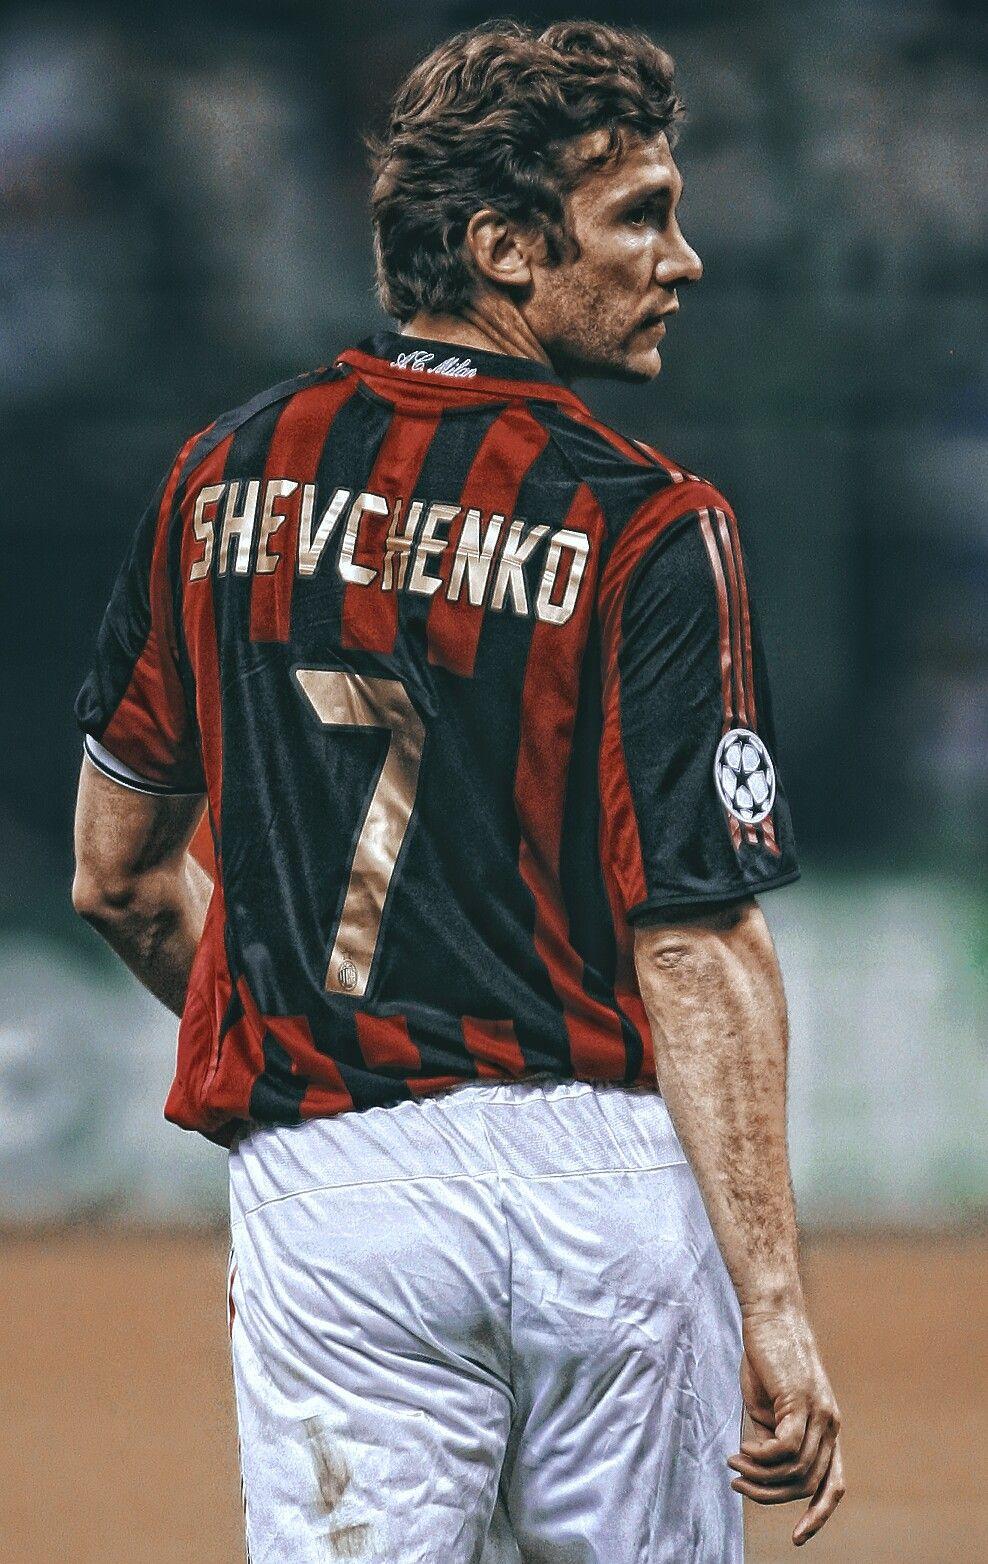 A.C. Milan: Shevchenko #football #milan #legend